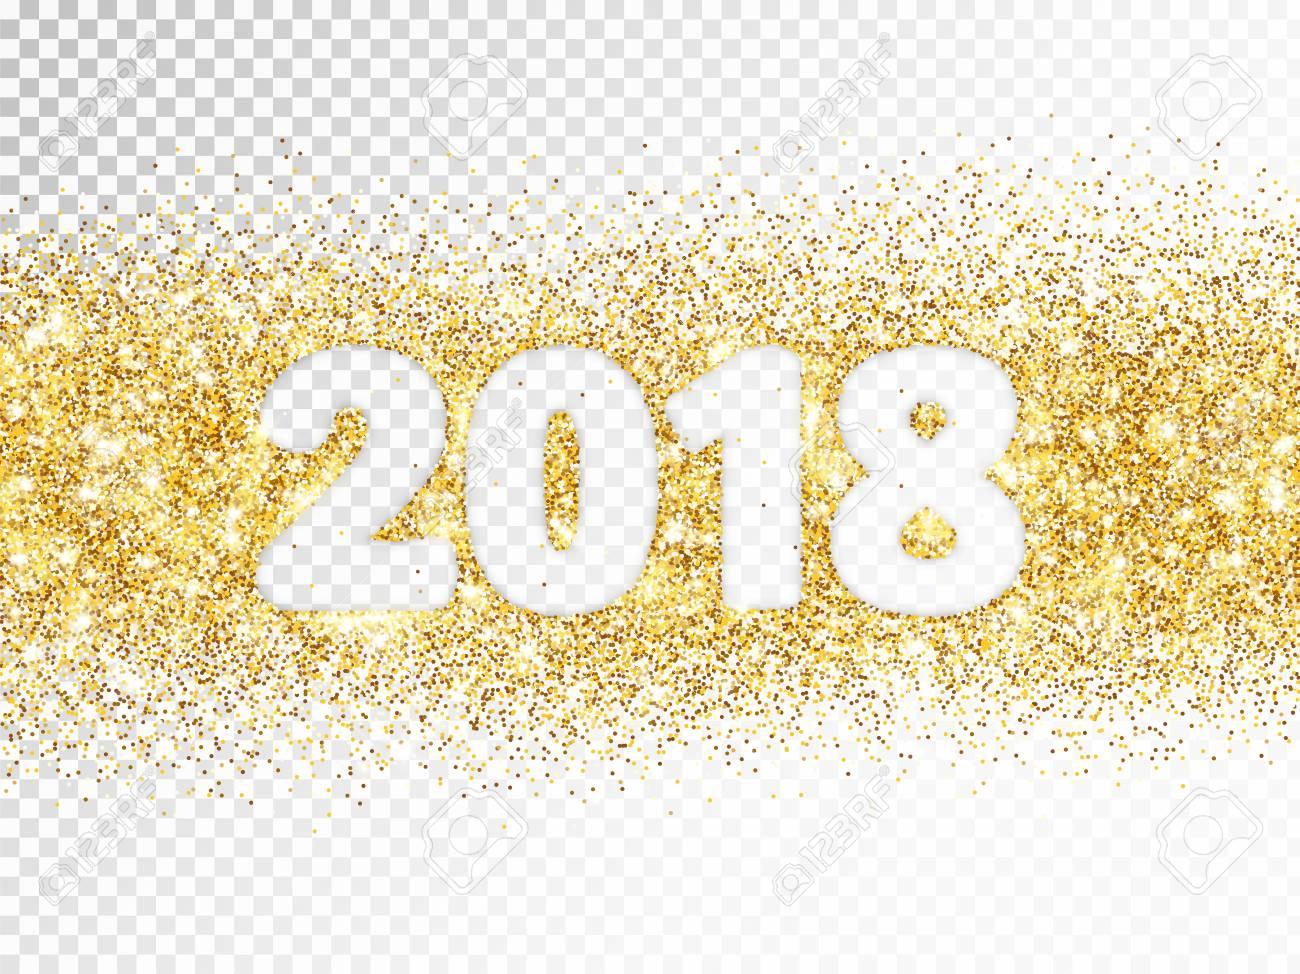 2018 は 透明な背景に分離されたタイポグラフィをキラキラします